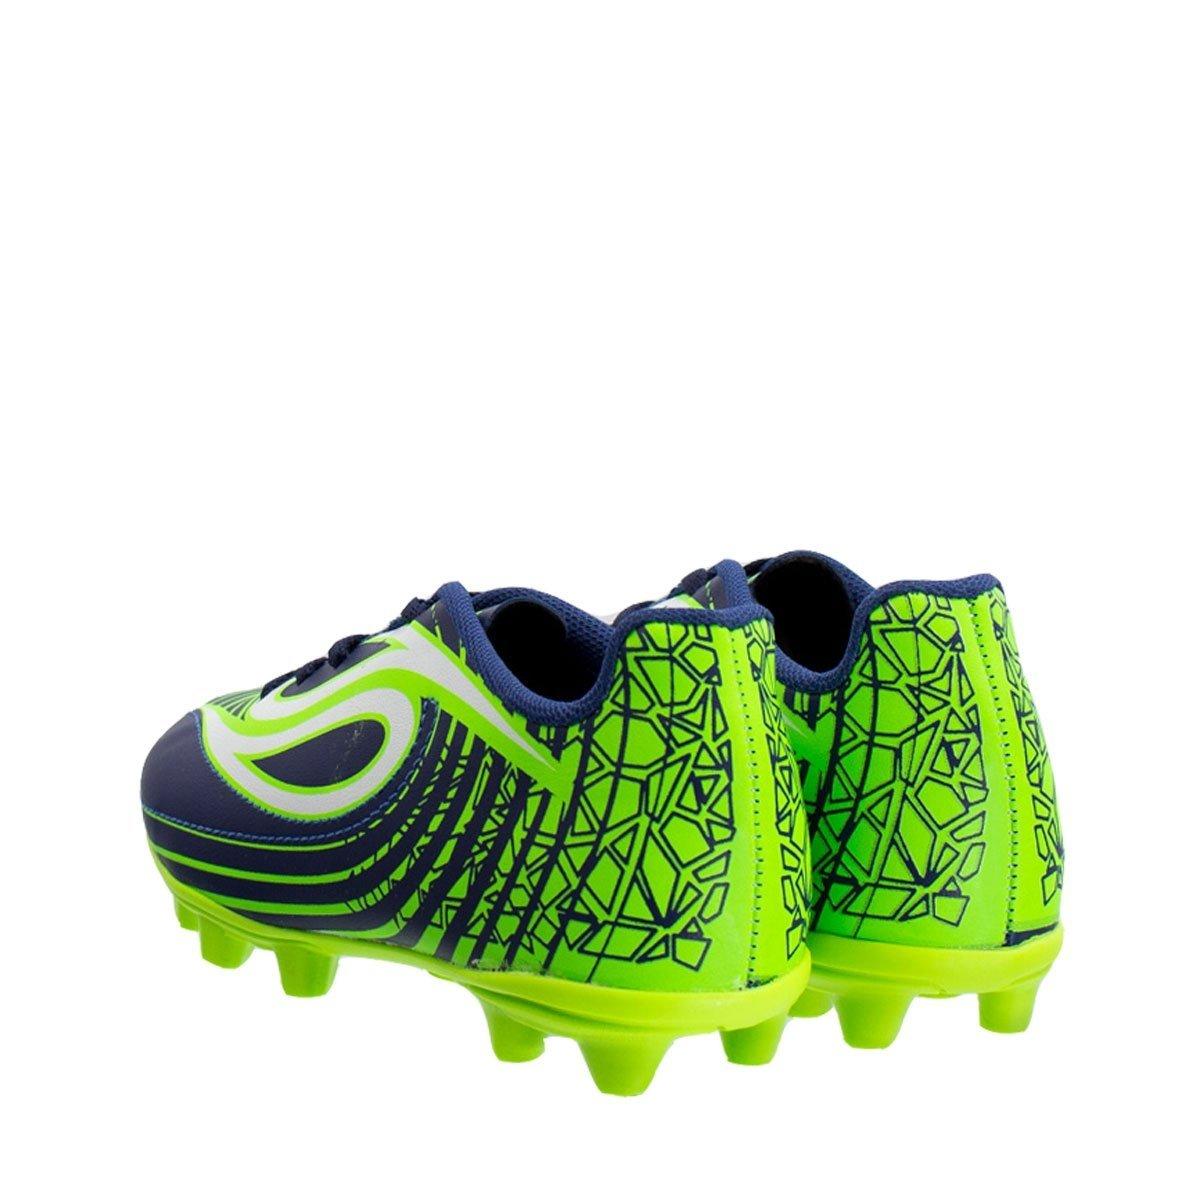 ... Chuteira Infantil Futebol de Campo Dalponte Orbital 818453002 ... bf985912a5e98